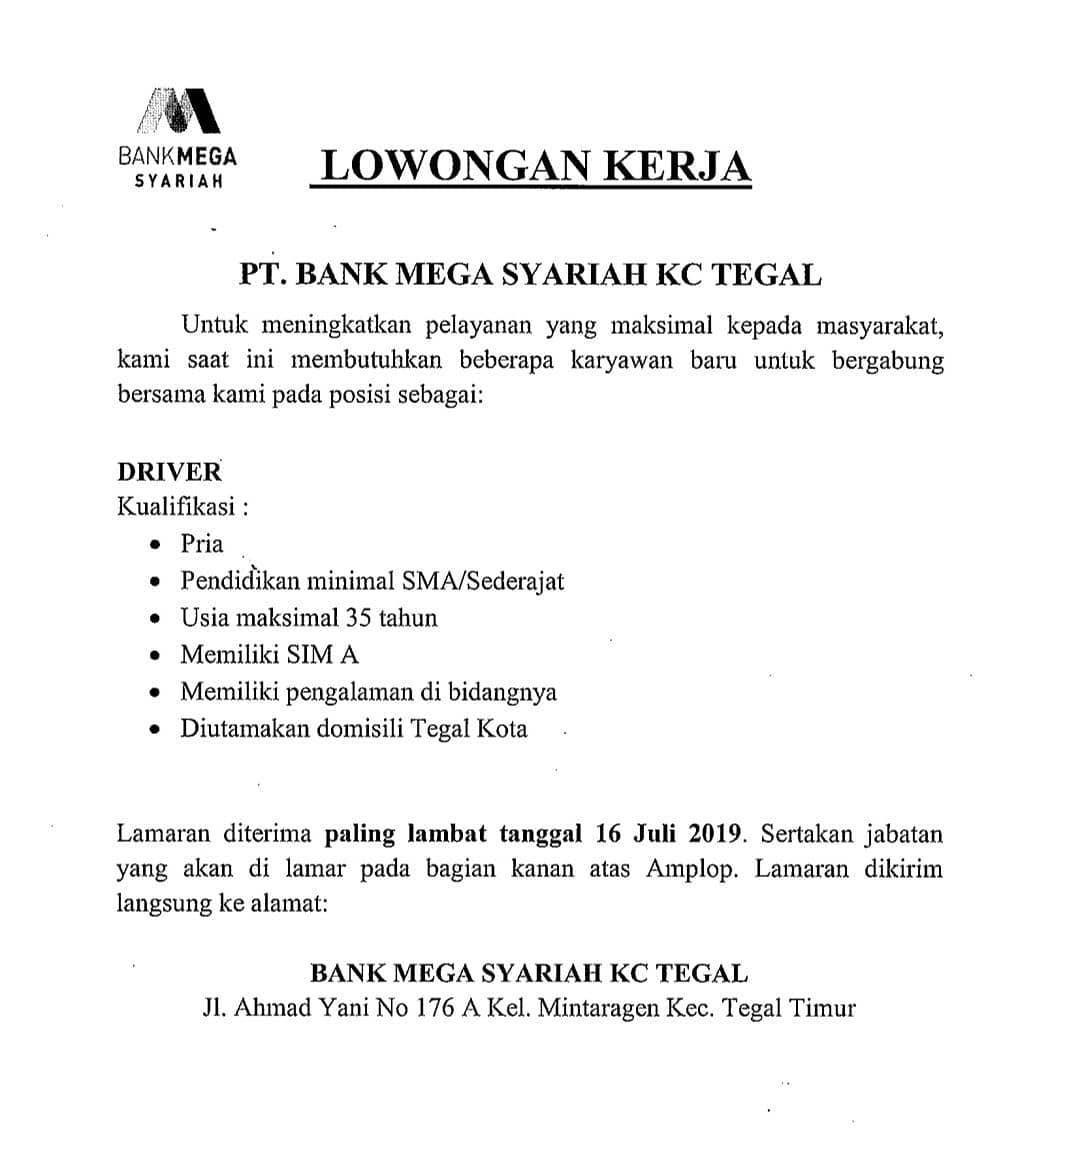 PT. BANK MEGA SYARIAH KC TEGAL